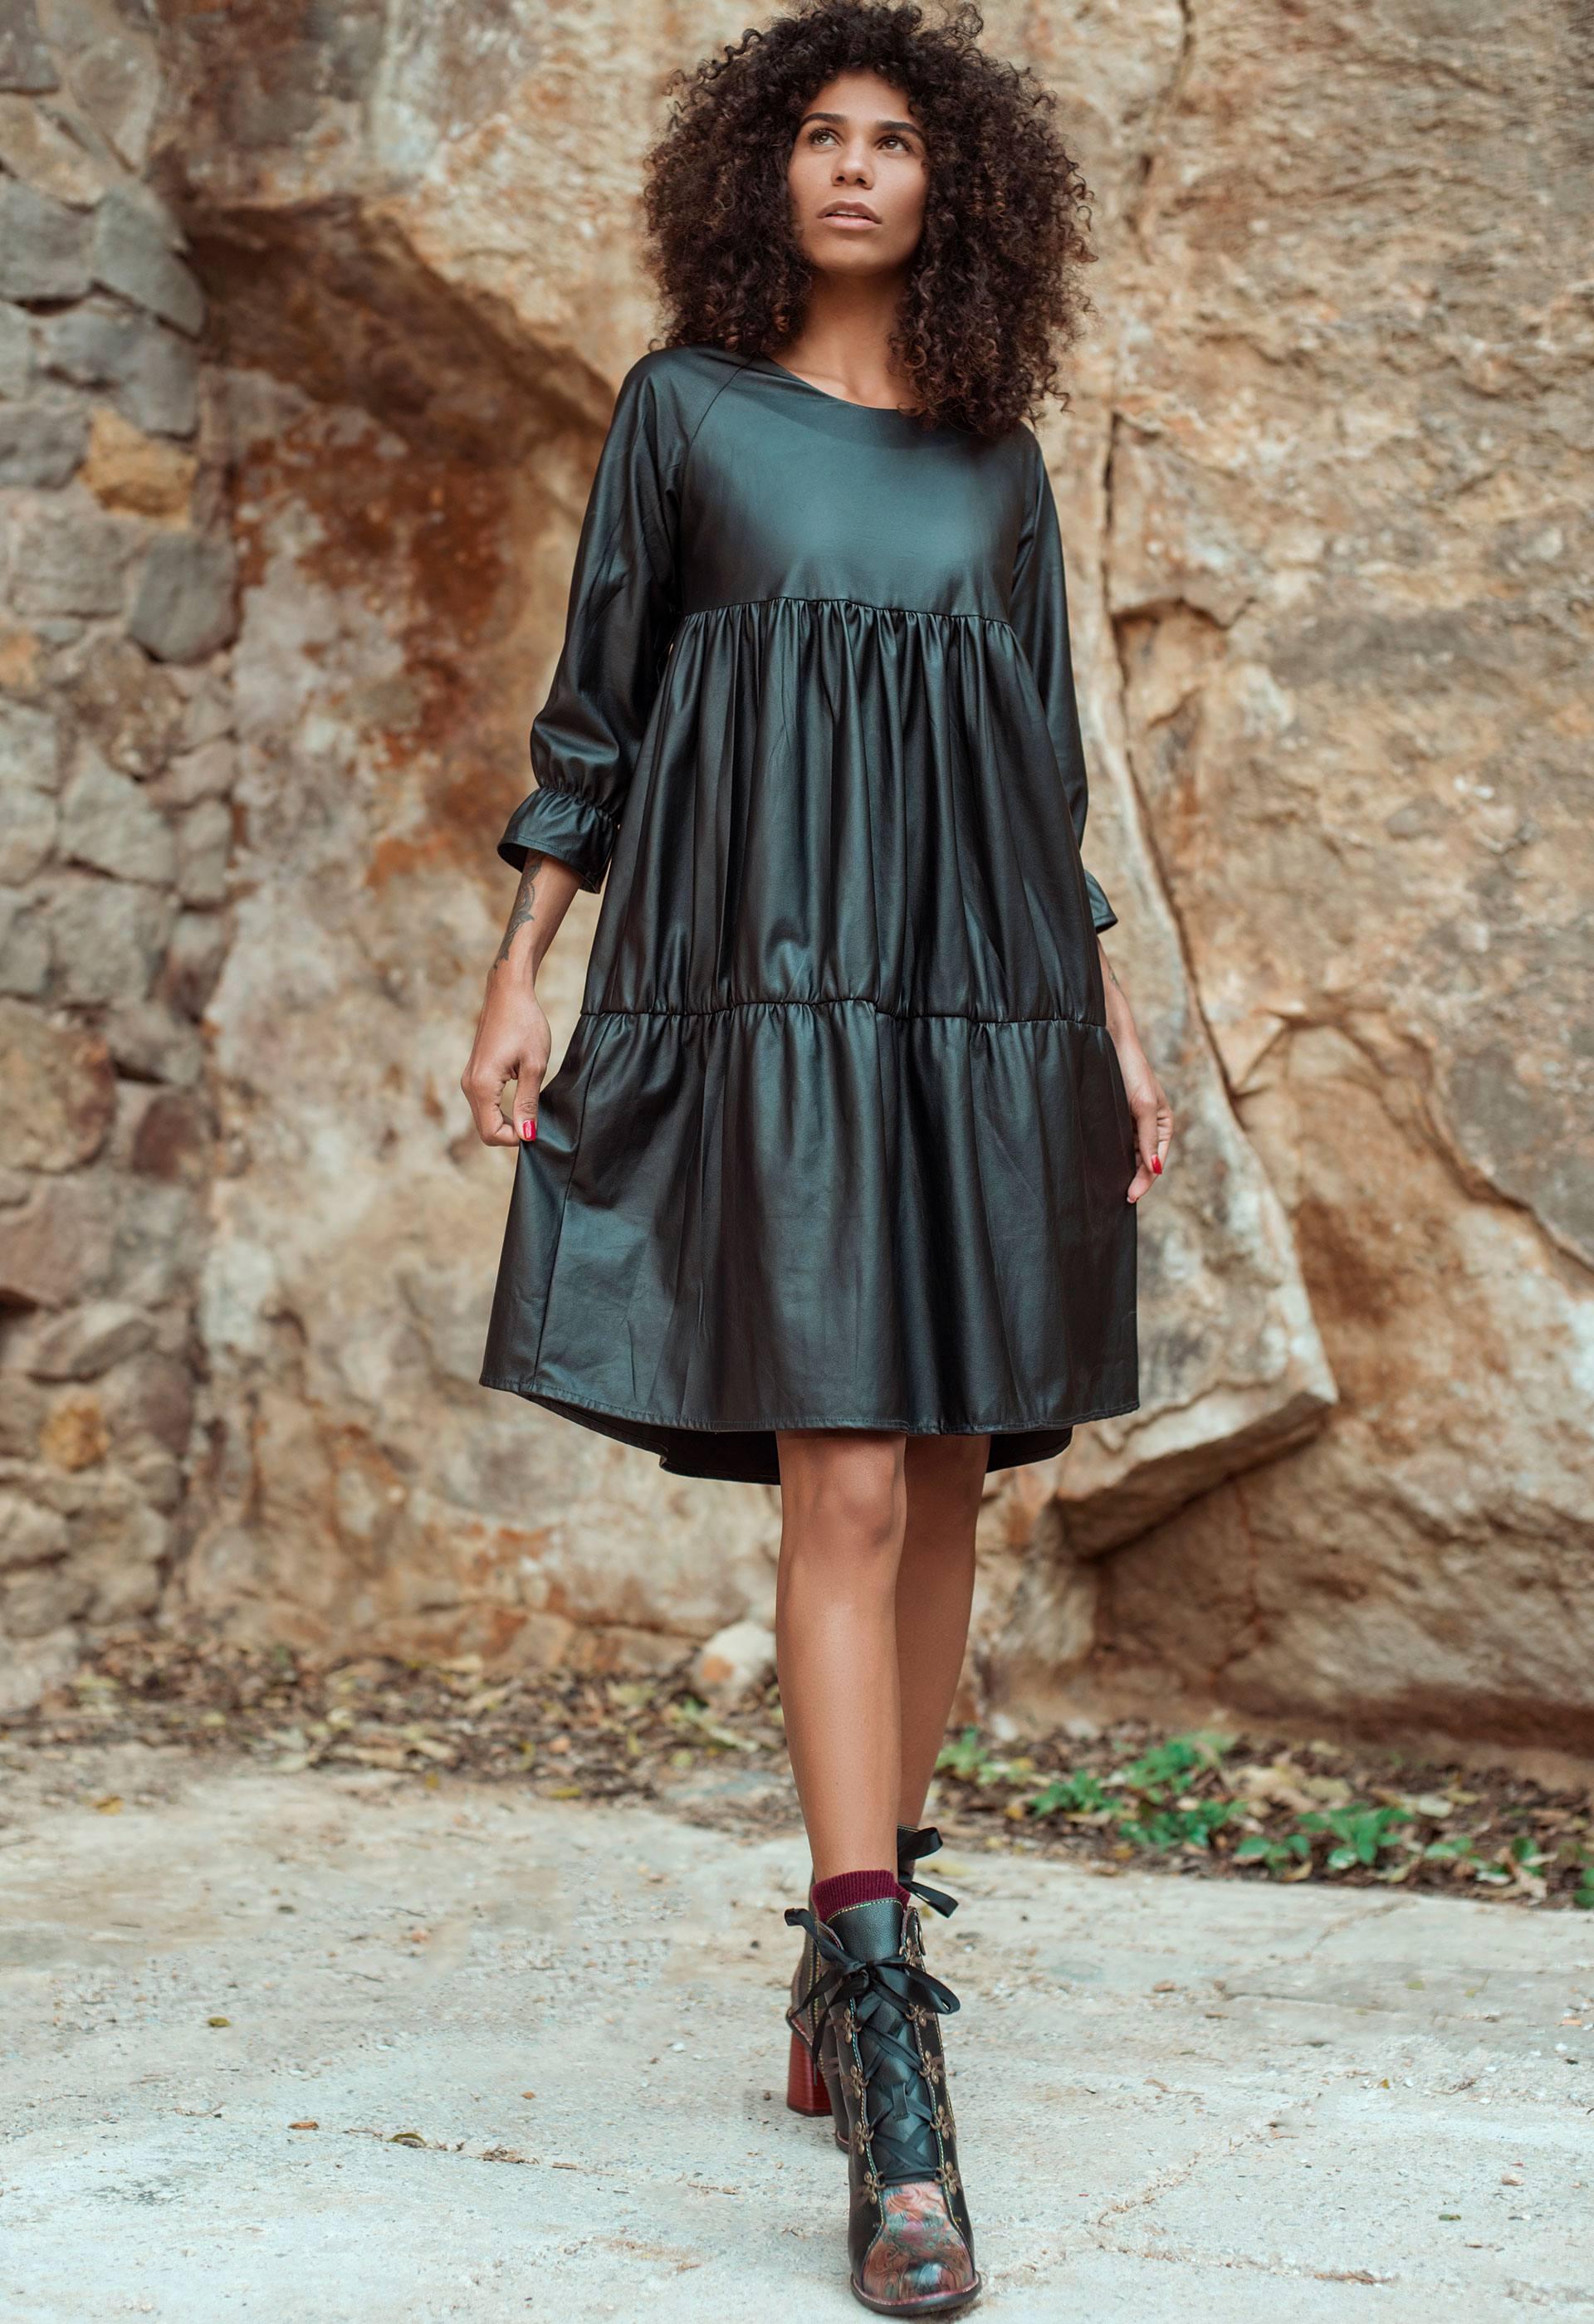 PRÊT À PORTER-REBAJAS - VESTIDOS, MONOS - Vestido negro de eco piel IO DREAMS